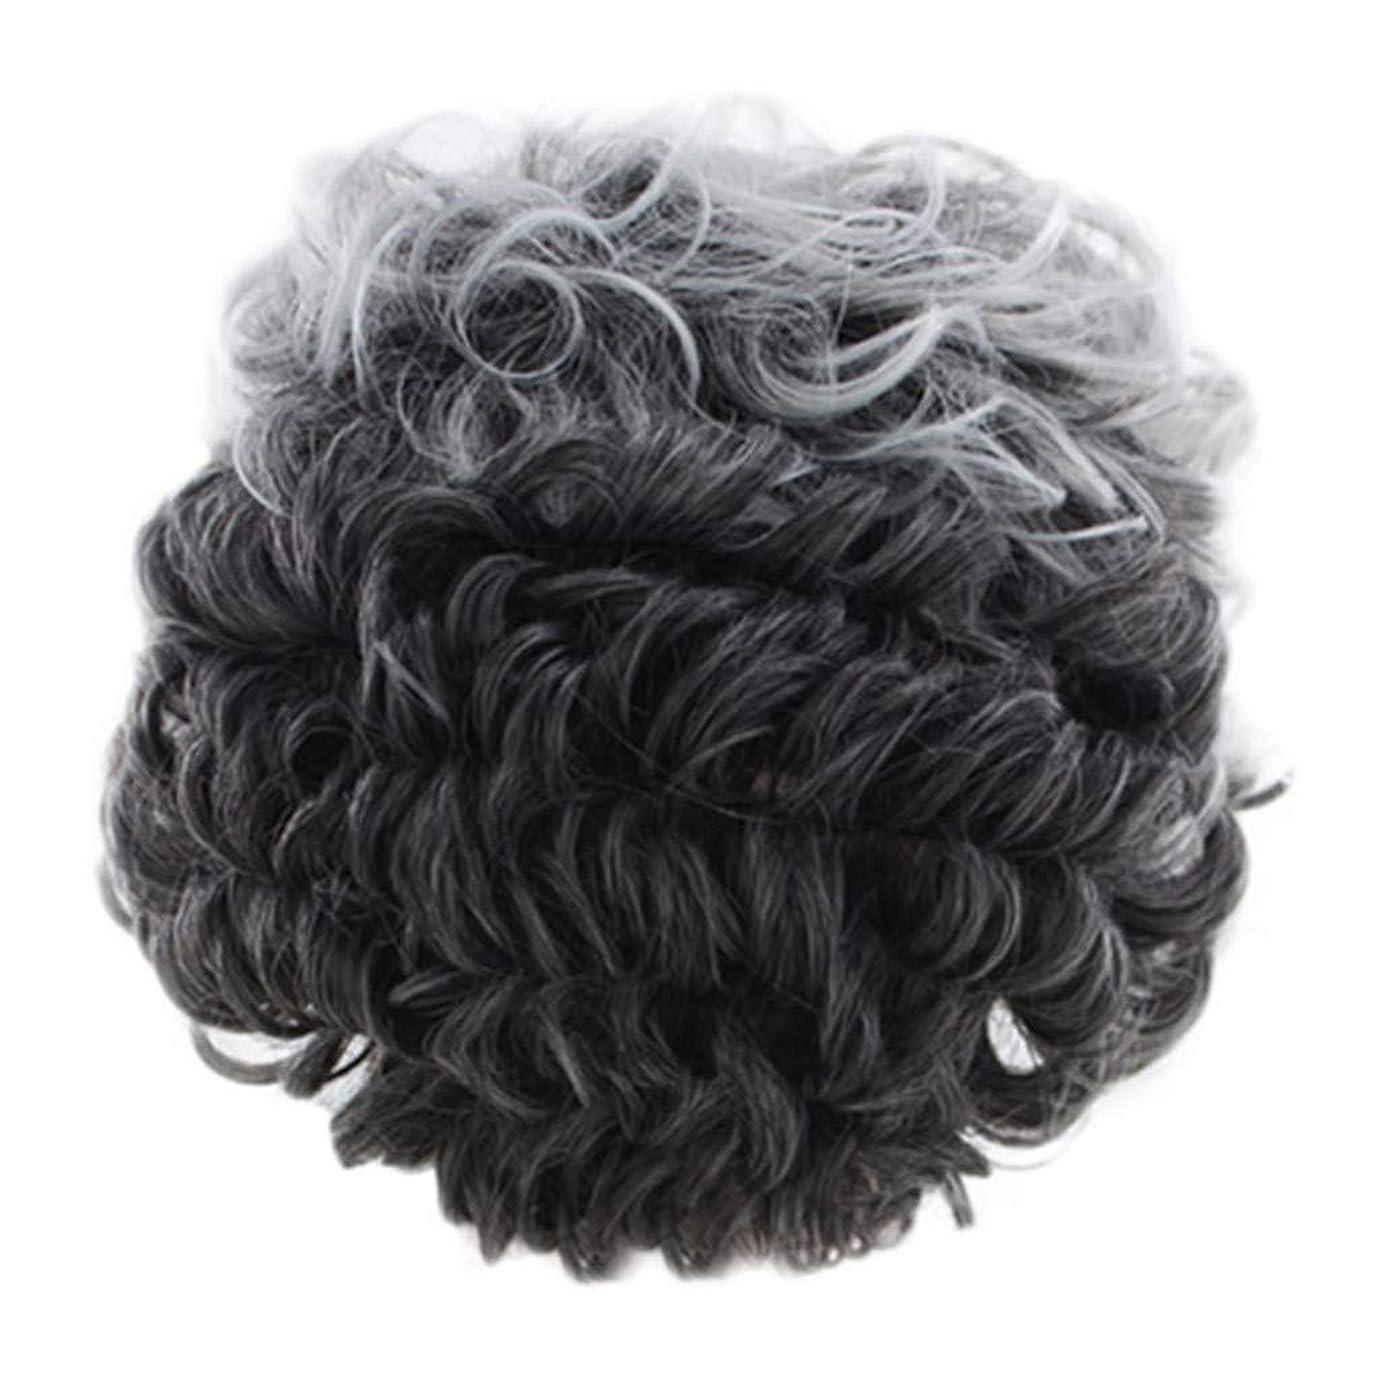 不格好犯罪ホステル女性のかつらグレー短い巻き毛のファッションセクシーなかつらローズネット